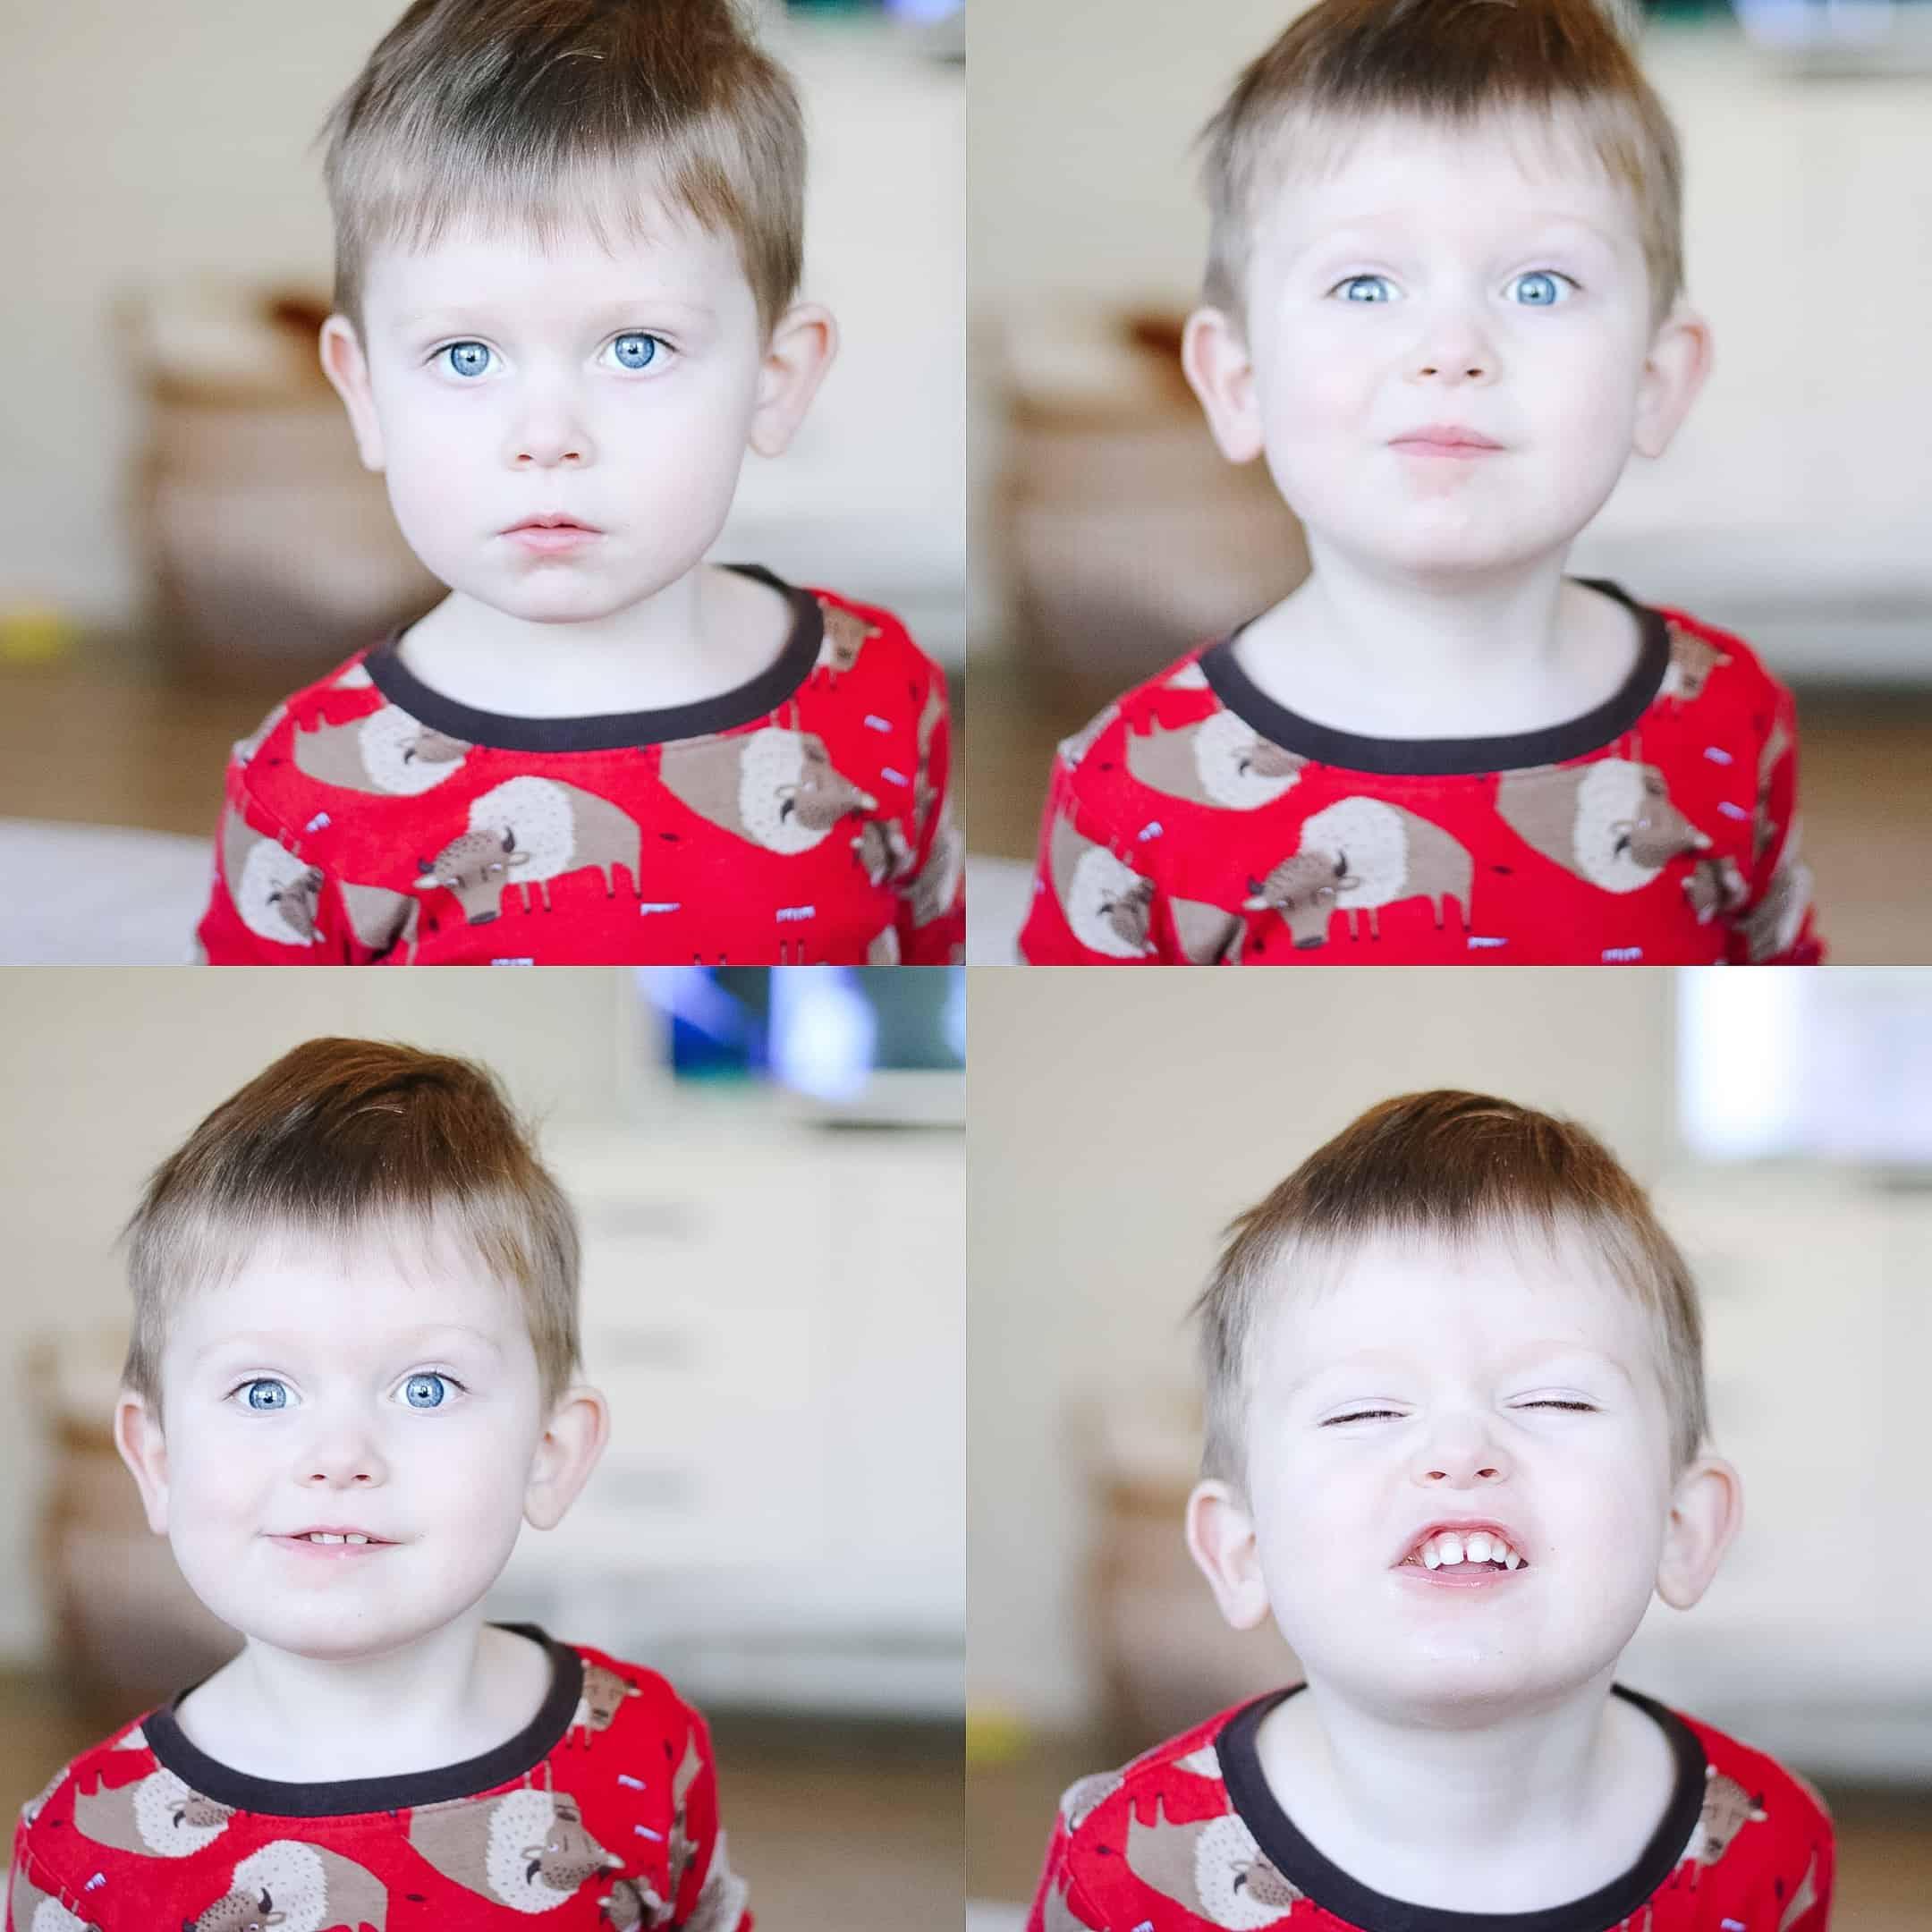 Toddler boy faces